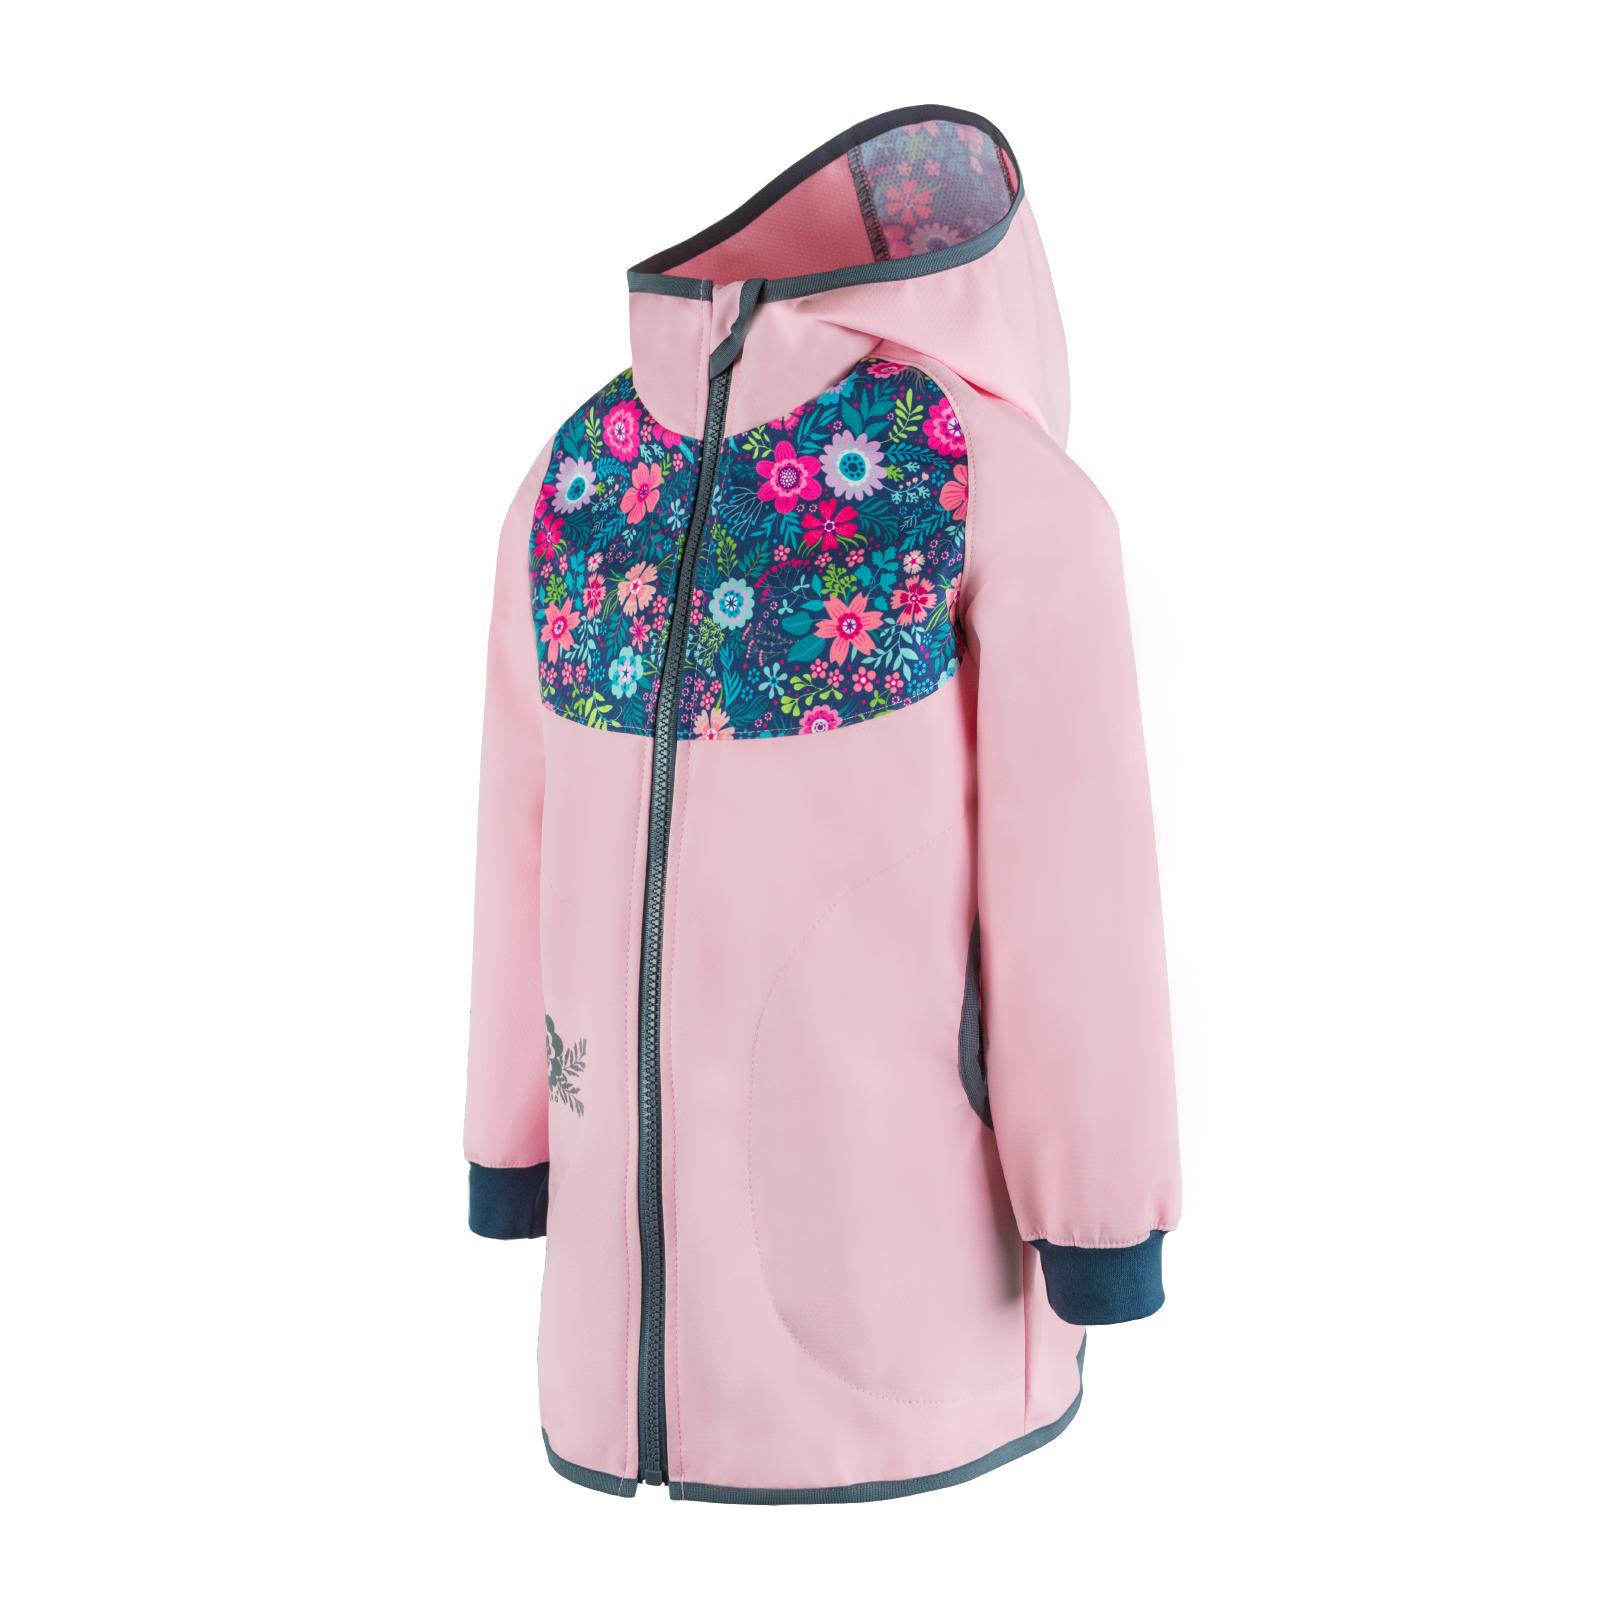 unuo Softshellový kabátek bez zateplení Květinky, Sv. růžová (Unuo softshell spring coat printed) Ve